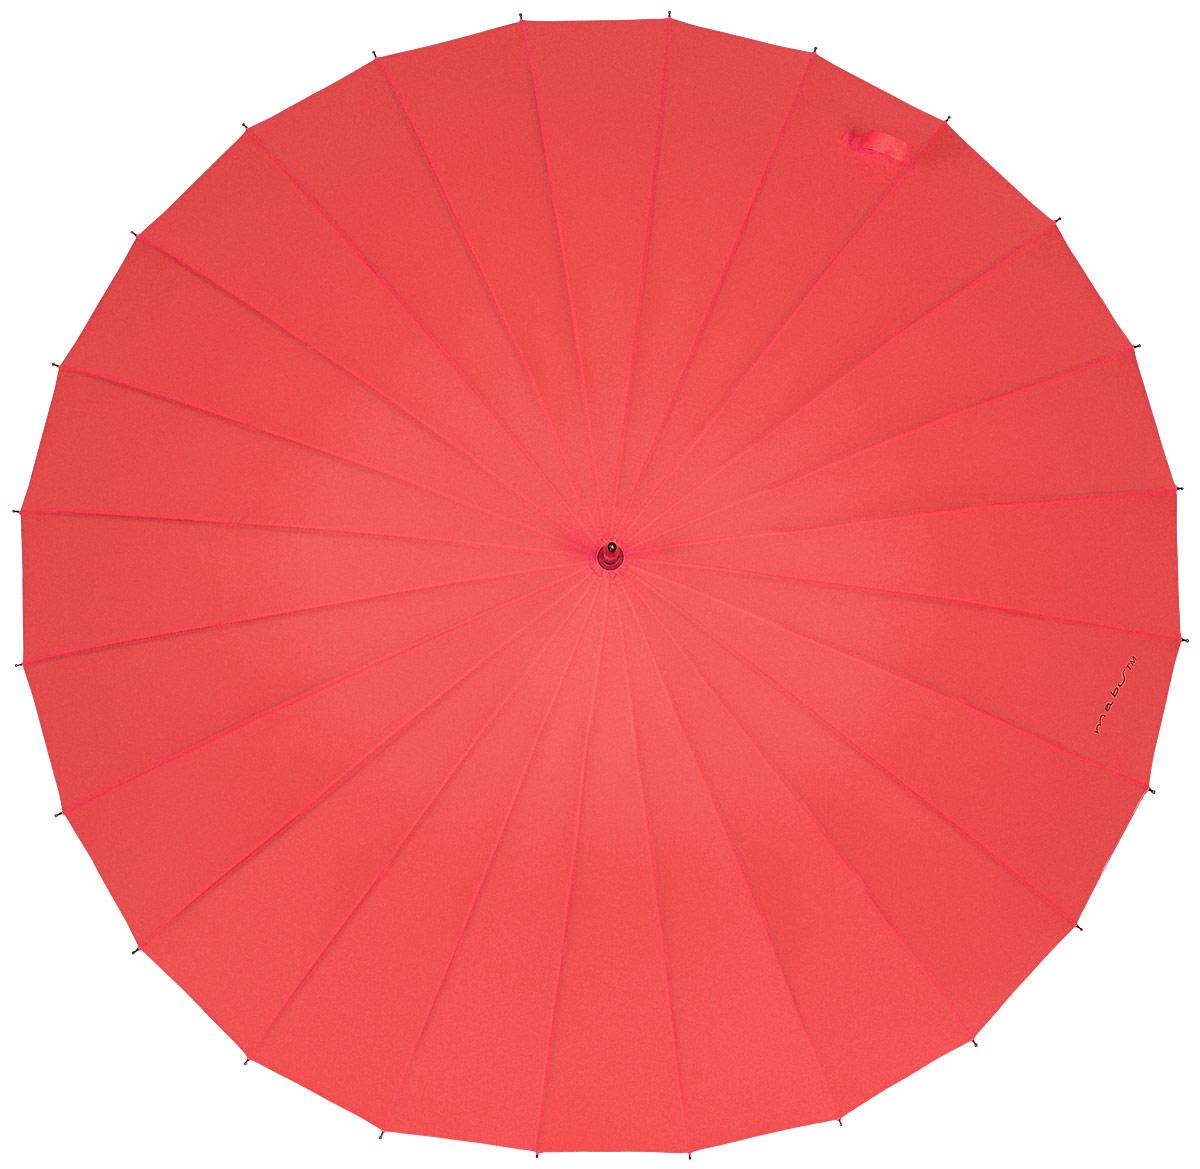 Зонт женский Kawaii Factory Mabu, цвет: красный. KW042-000032KW042-000032Элегантный зонт от Kawaii Factory Mabu даже в ненастную погоду позволит вам оставаться стильной и элегантной. Зонт состоит из стержня и 24 спиц, изготовленных из металла. Купол изготовлен из полиэстера, который надежно защитит вас от дождя. Зонт дополнен удобной ручкой, которая выполнена в виде крючка. Также зонт имеет пластиковый наконечник, который устраняет попадание воды на стержень и уберегает зонт от повреждений. Изделие имеет механический механизм сложения. Зонт закрывается хлястиком на кнопку.